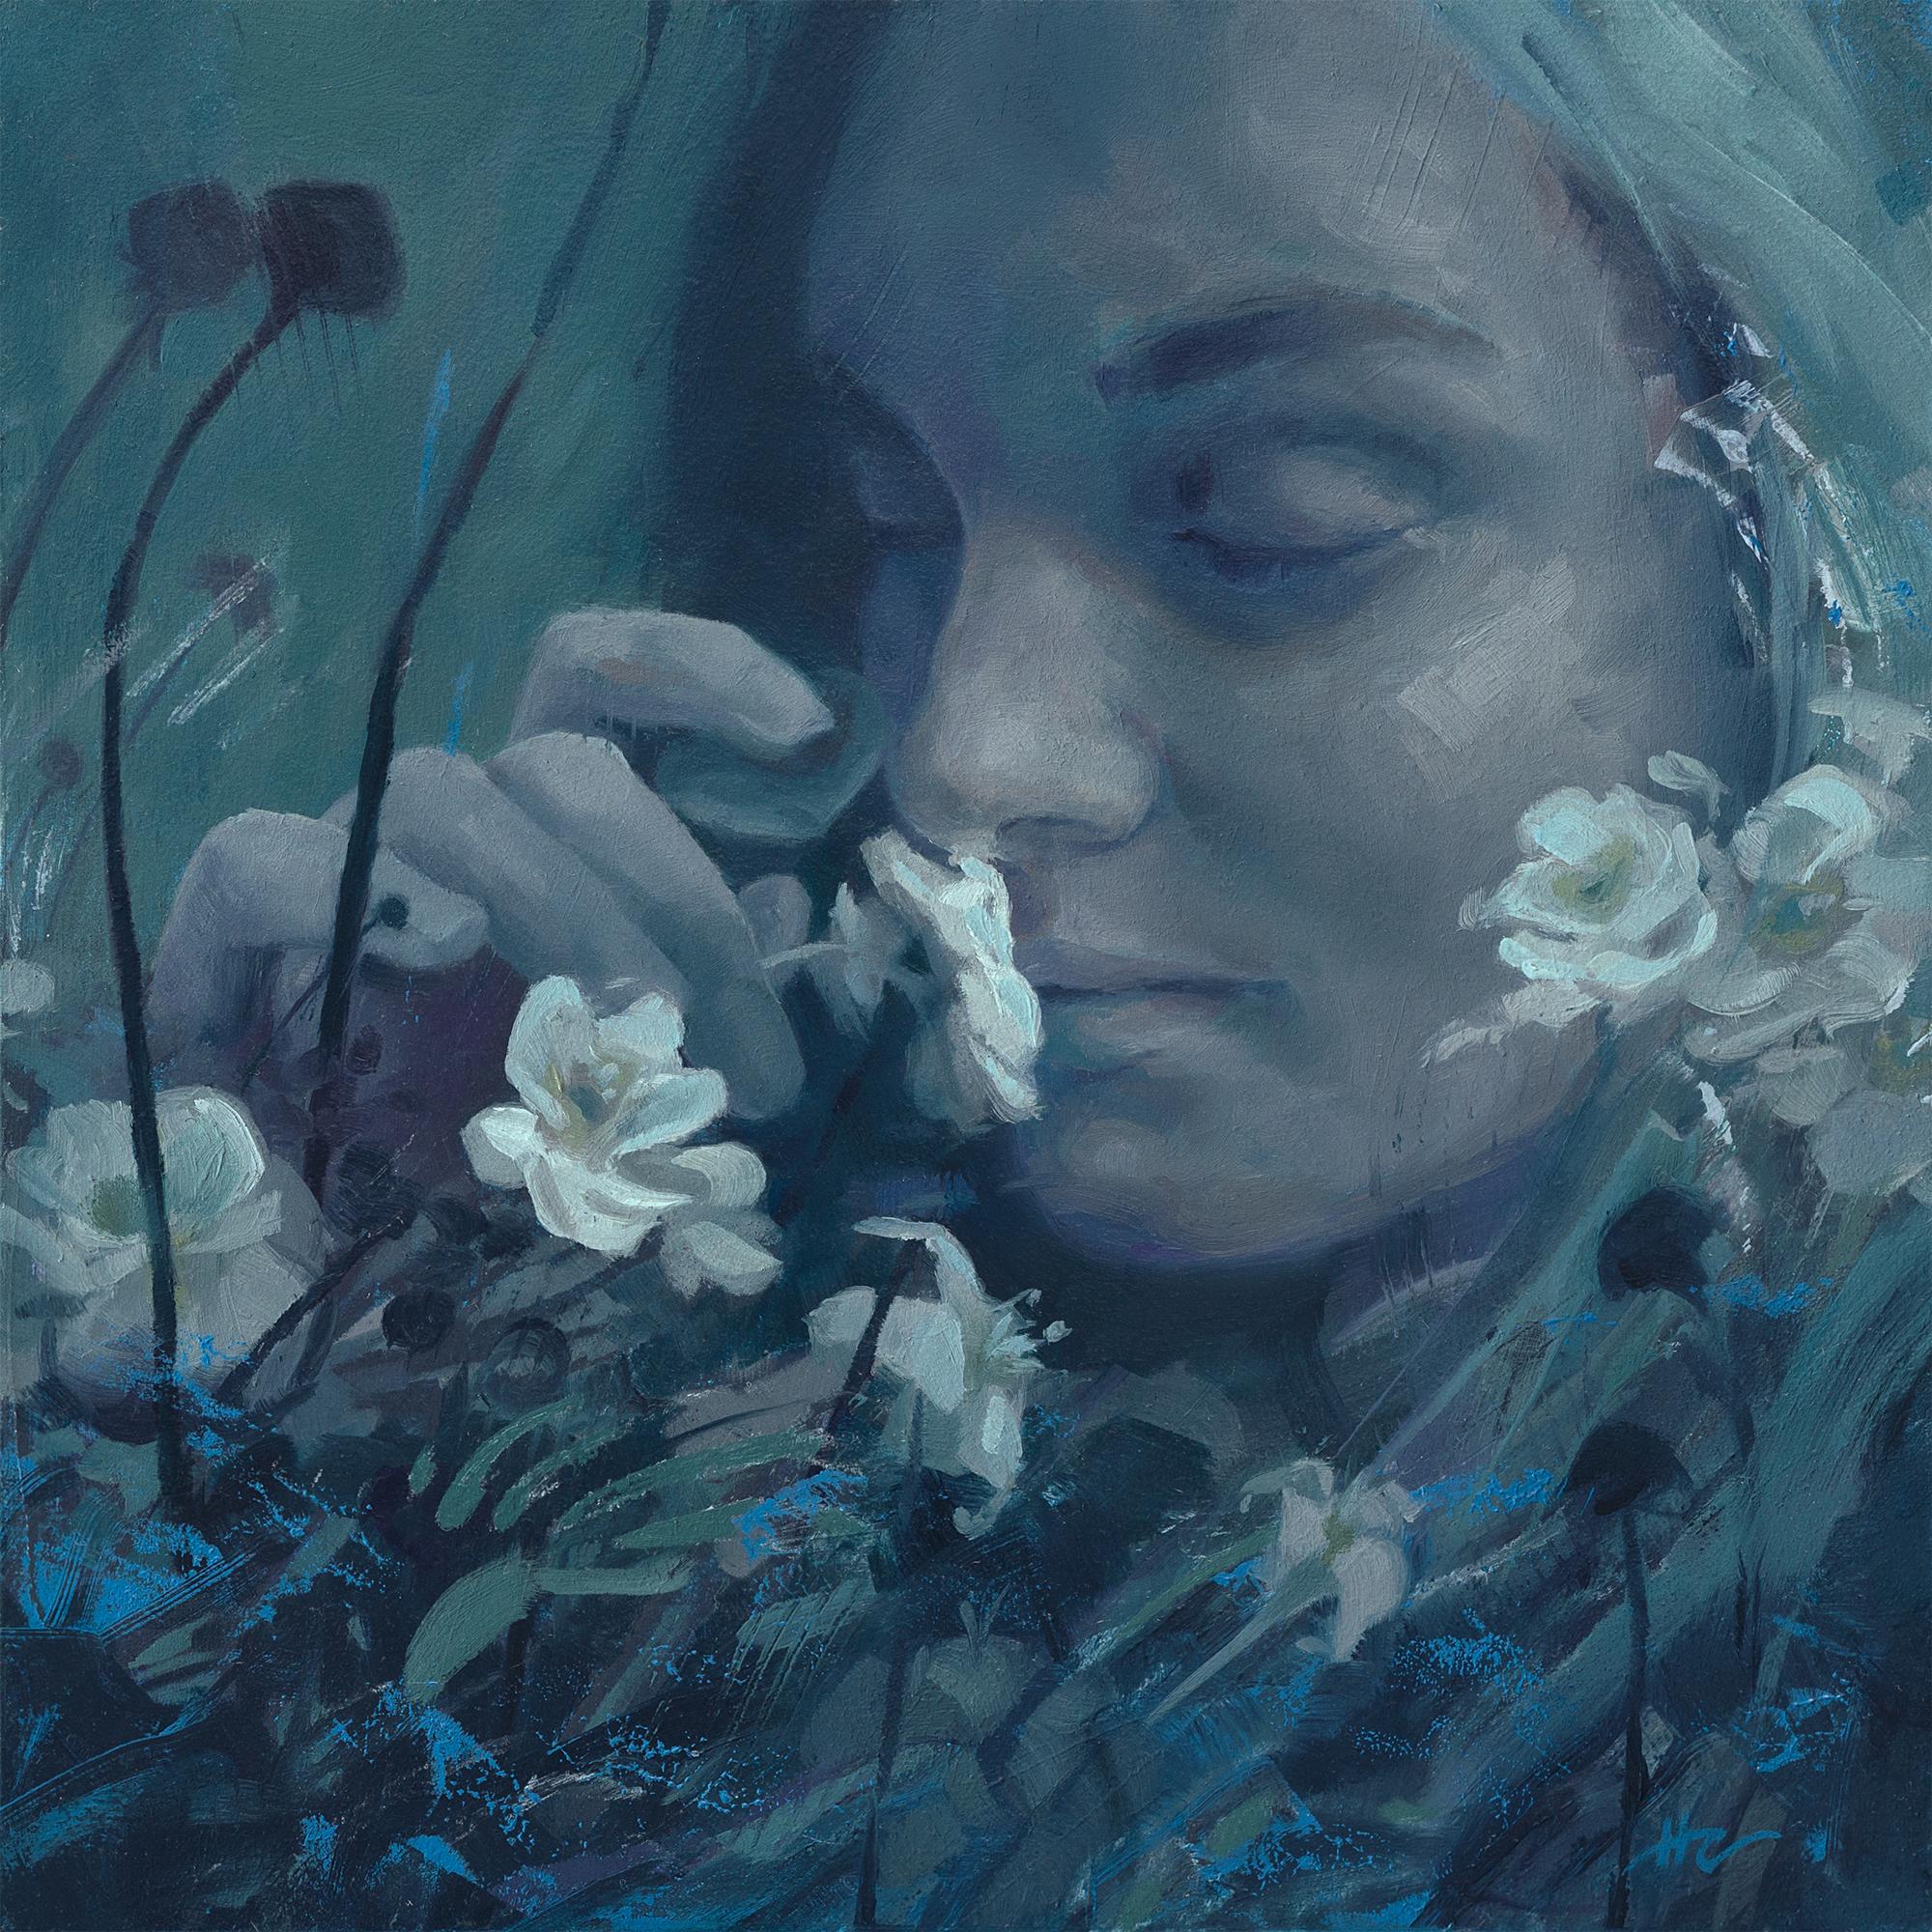 Midnight Conduit by Hilary Clarcq